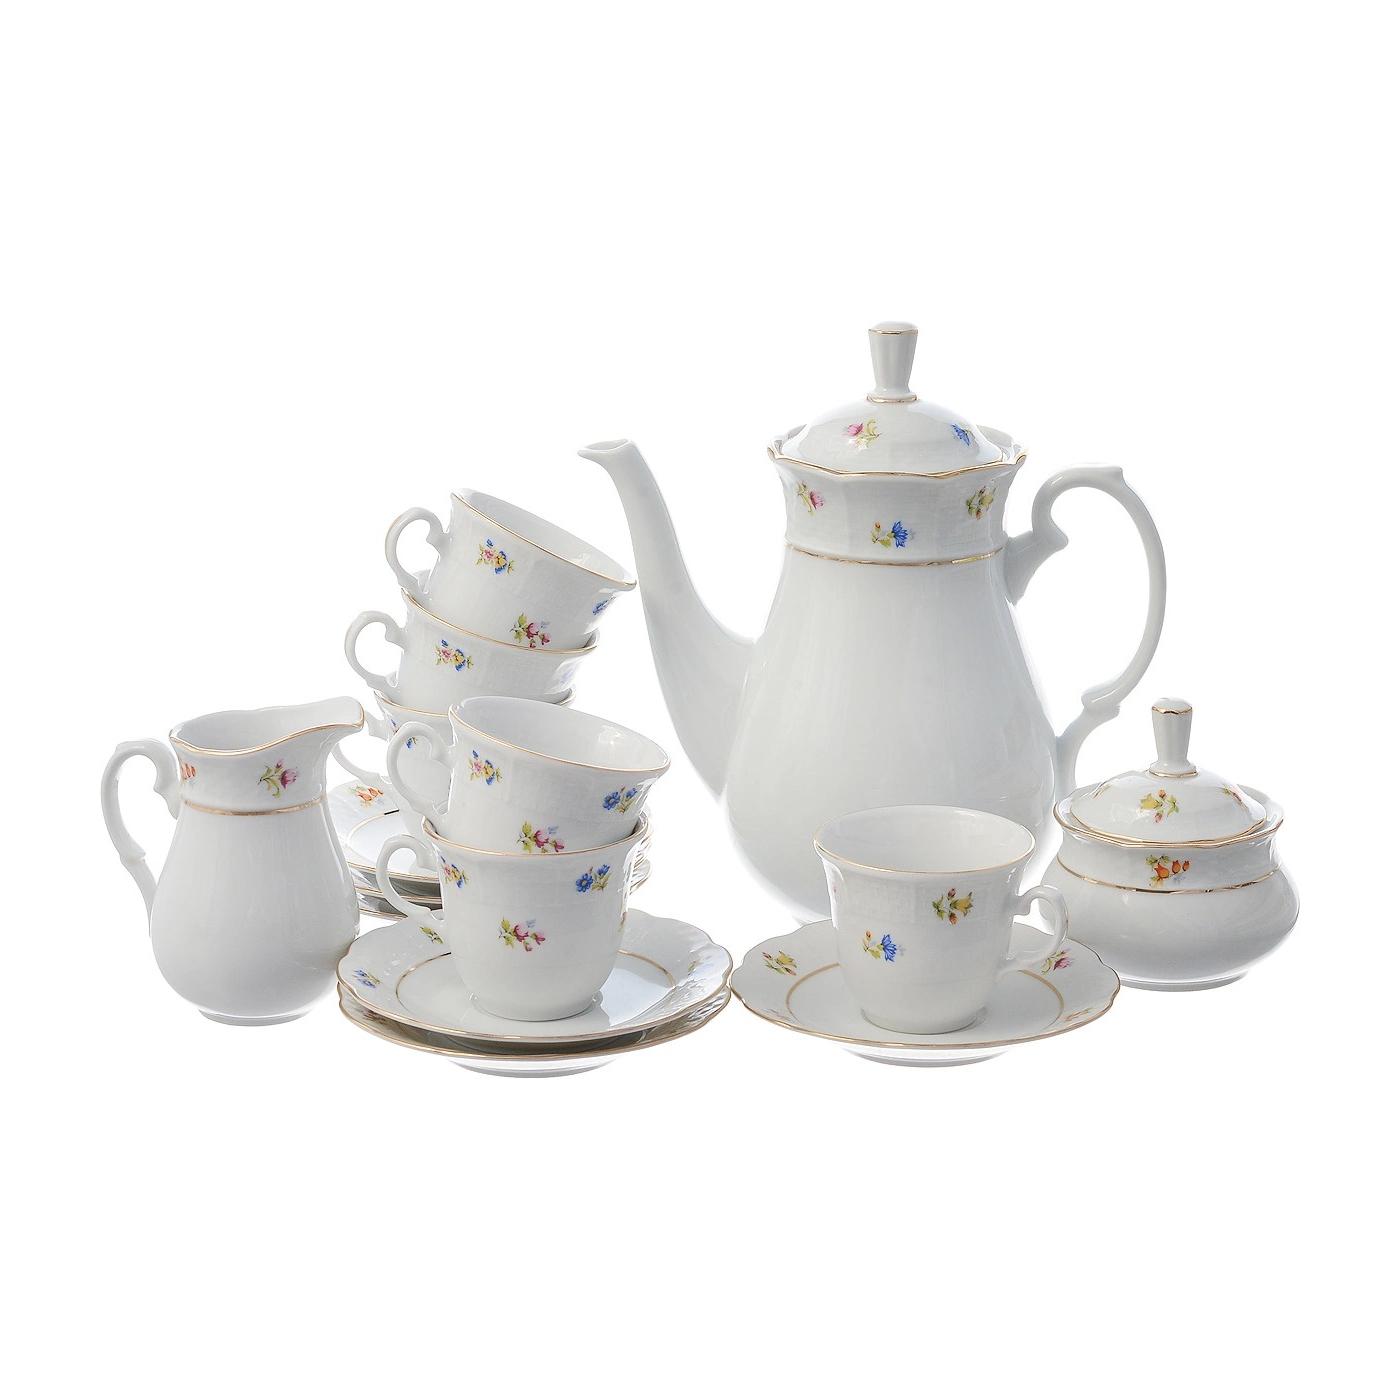 Сервиз кофейный Thun 1794 6 персон 17 предметов Natalie